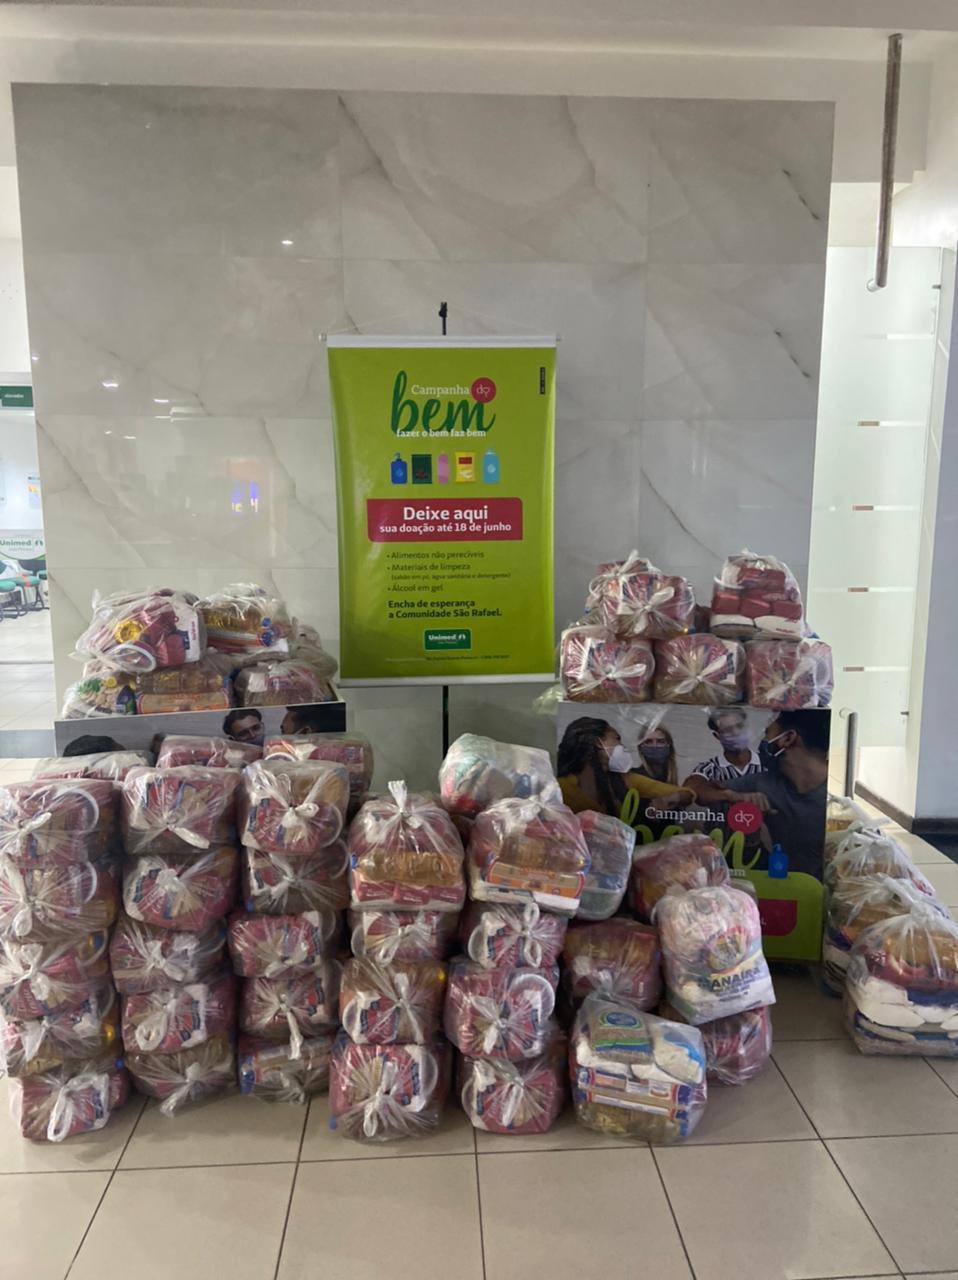 campanha do bem 1  - Unimed João Pessoa recebe doações para Campanha do Bem até a próxima sexta-feira (18)